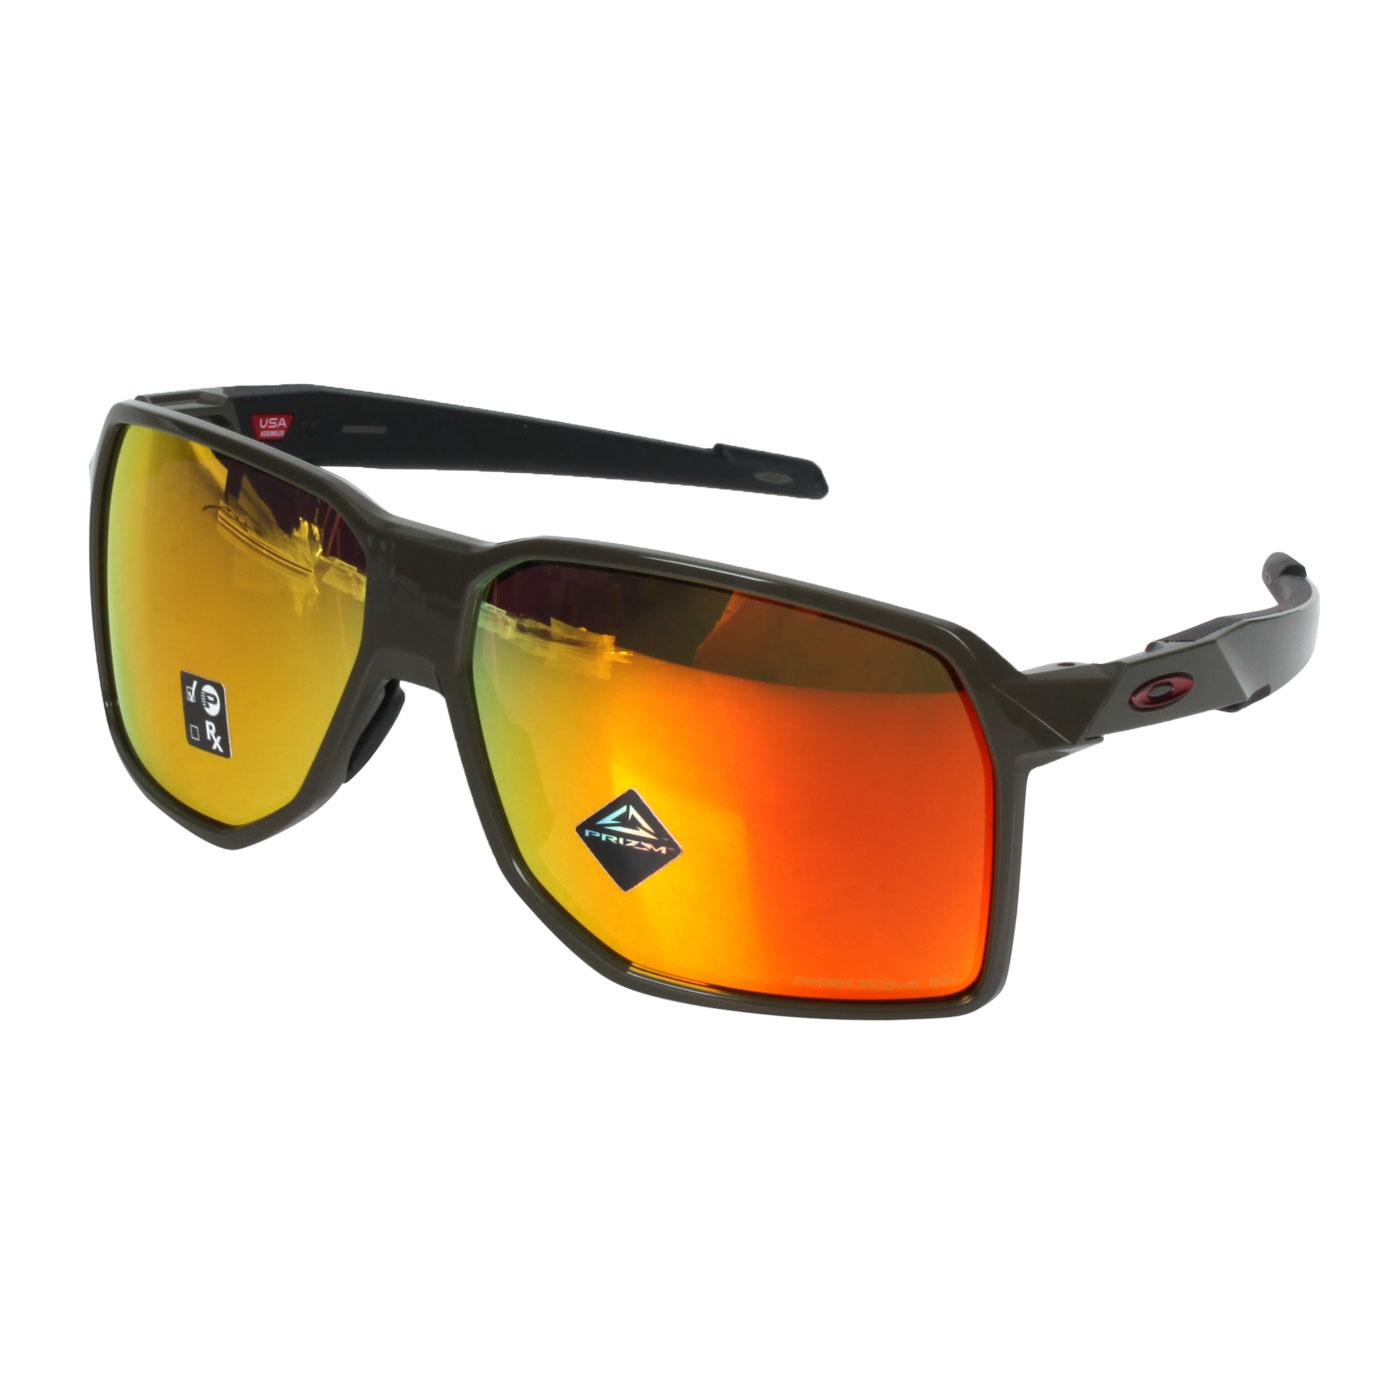 OAKLEY PORTAL 偏光太陽眼鏡(附鼻墊) OAK-OO9446-0362 - 深軍綠紅